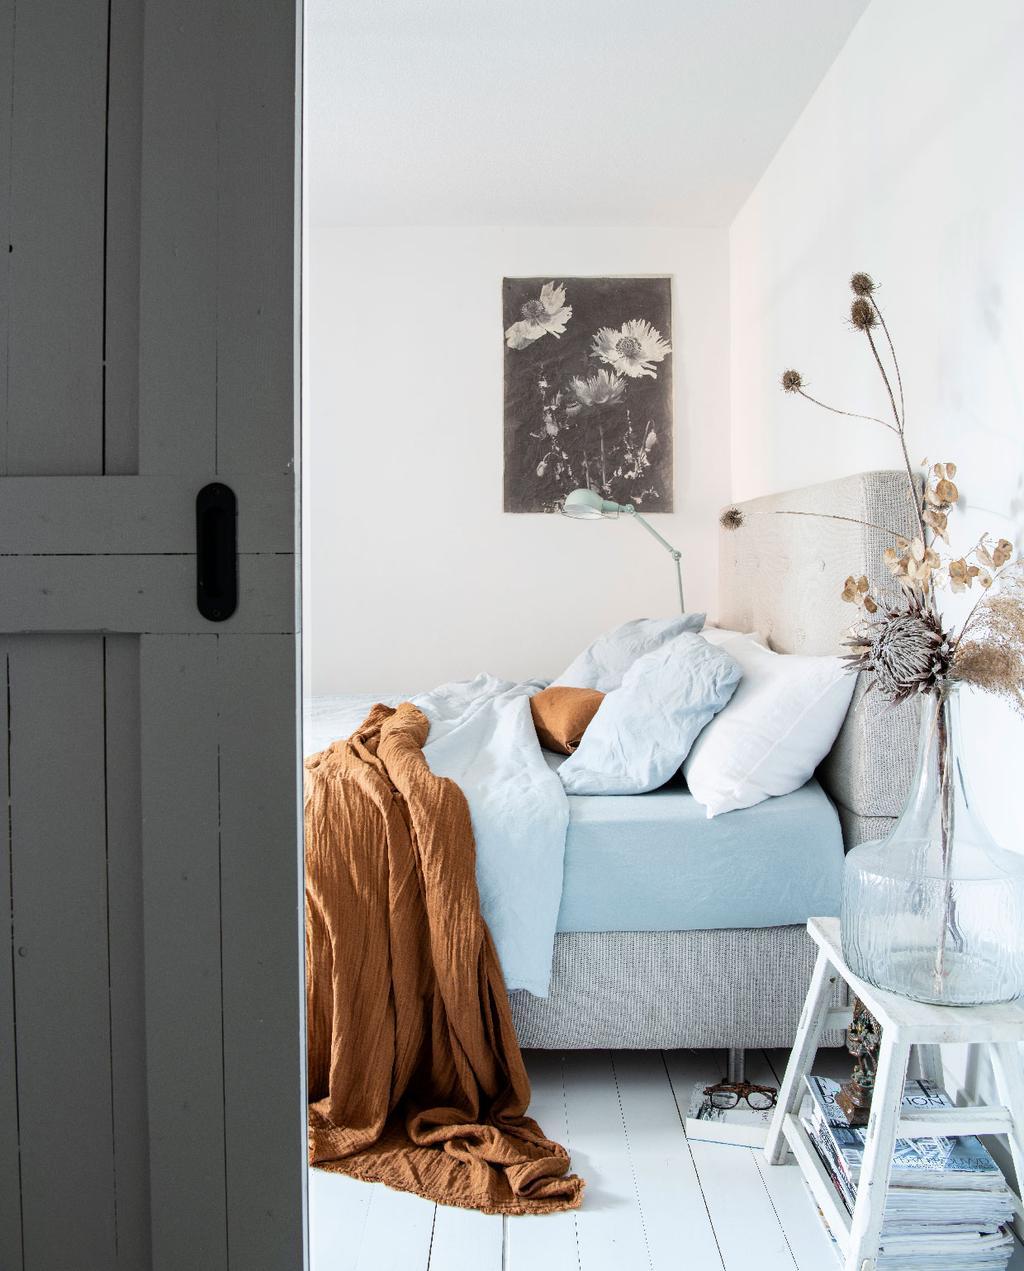 vtwonen 09-2020 | binnenkijken minimalistische woning amsterdam lichte slaapkamer lichtblauw beddengoed